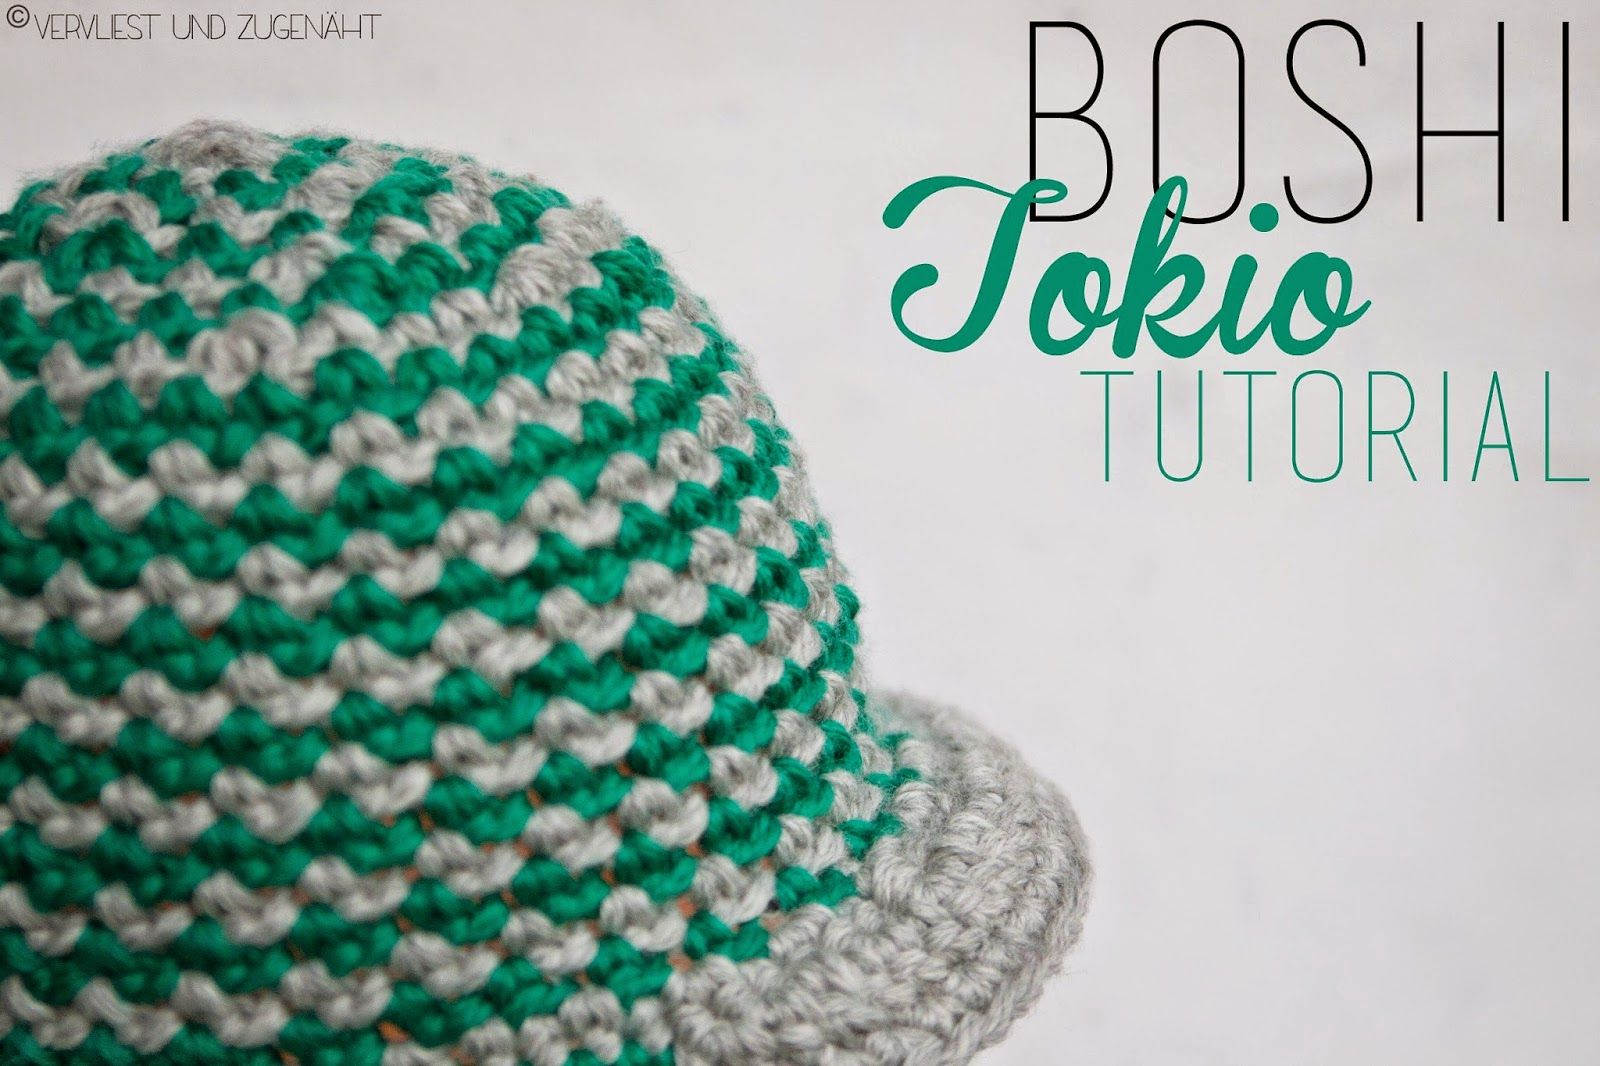 Boshi Tokio Crochet Häkeln Häkeln Ideen Und Häkeln